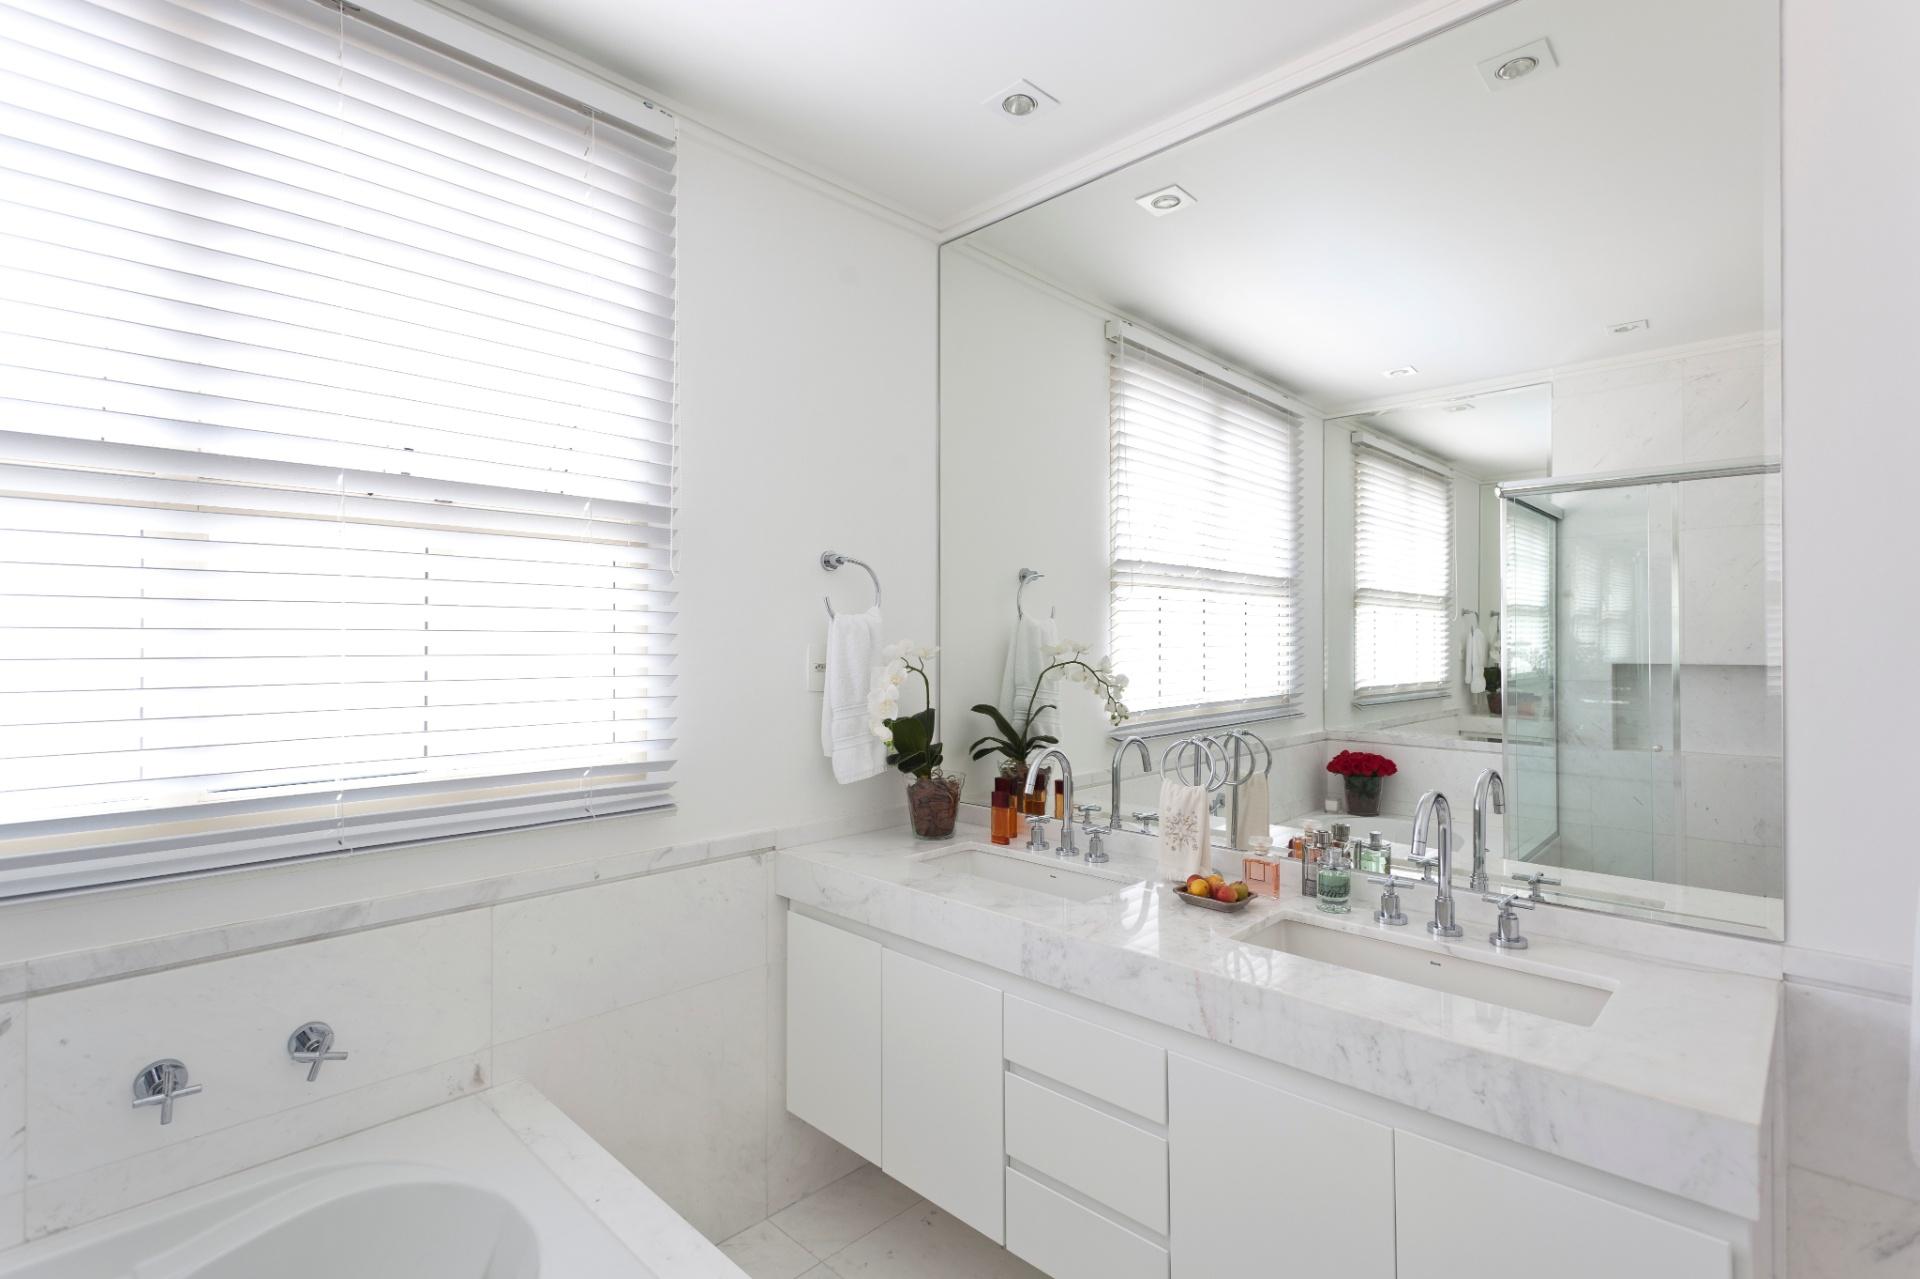 Banheiros: sugestões para decoração tendo muito ou pouco espaço  #6E3328 1920 1279